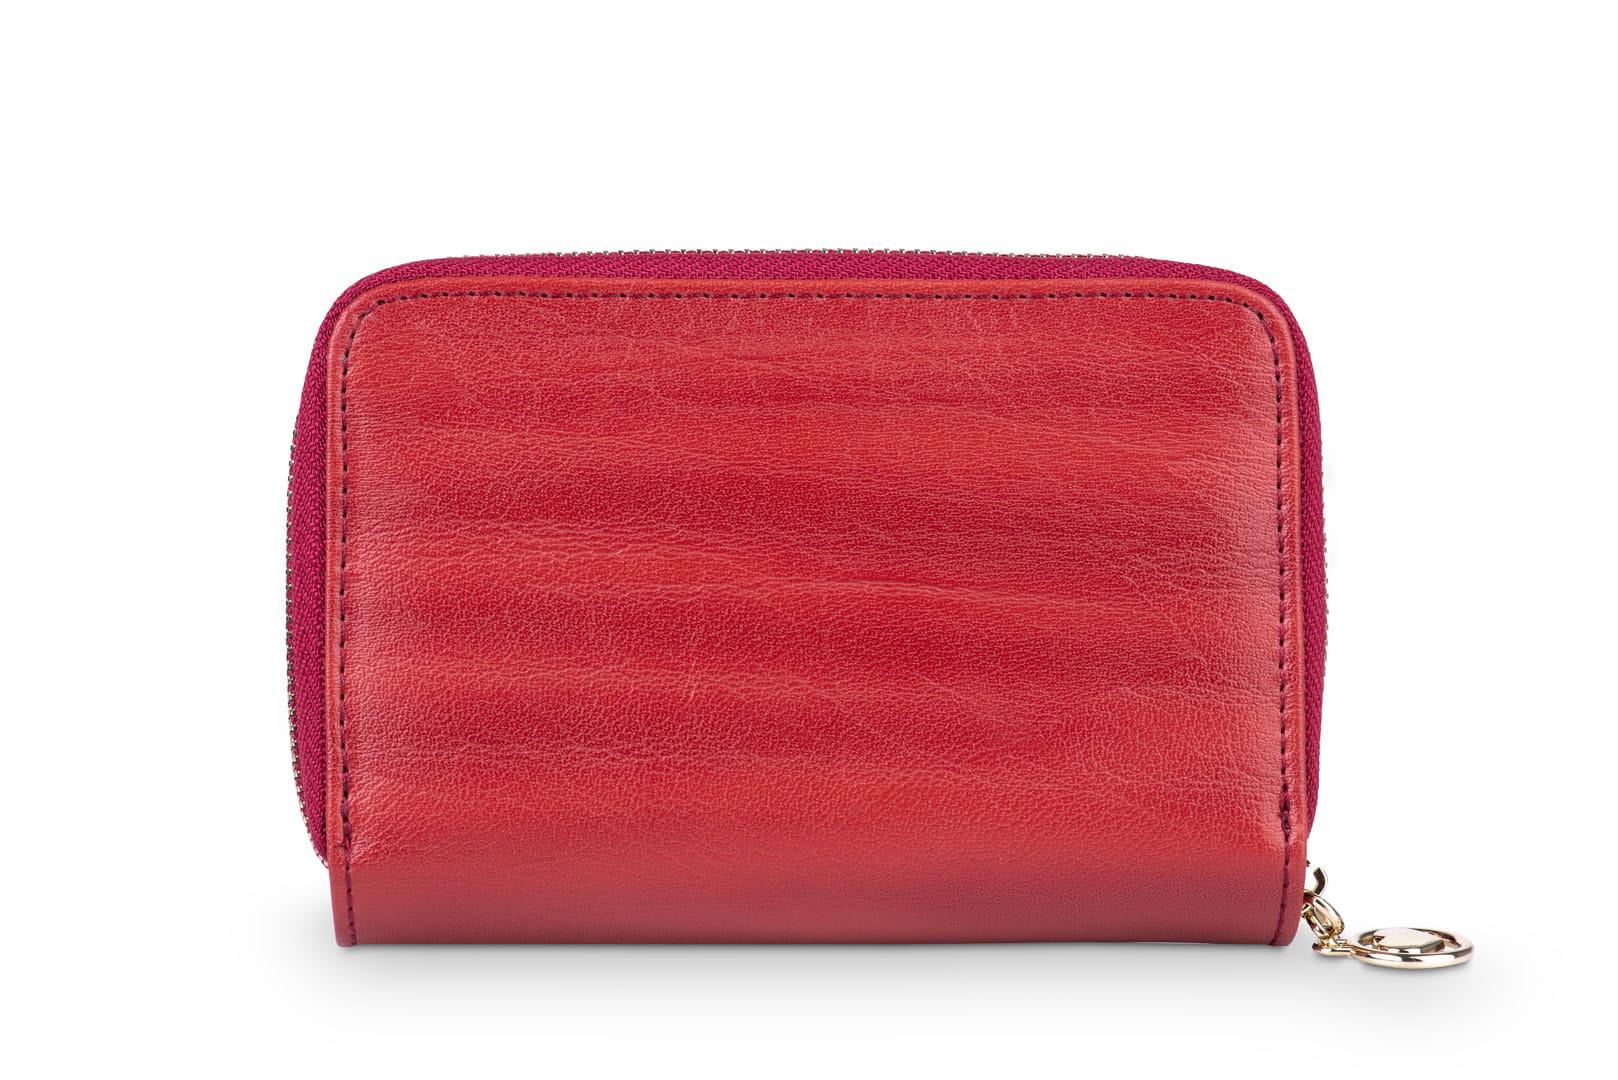 7de362850959a Portfel damski Skórzany Alessandro Paoli Czerwony Leather Box